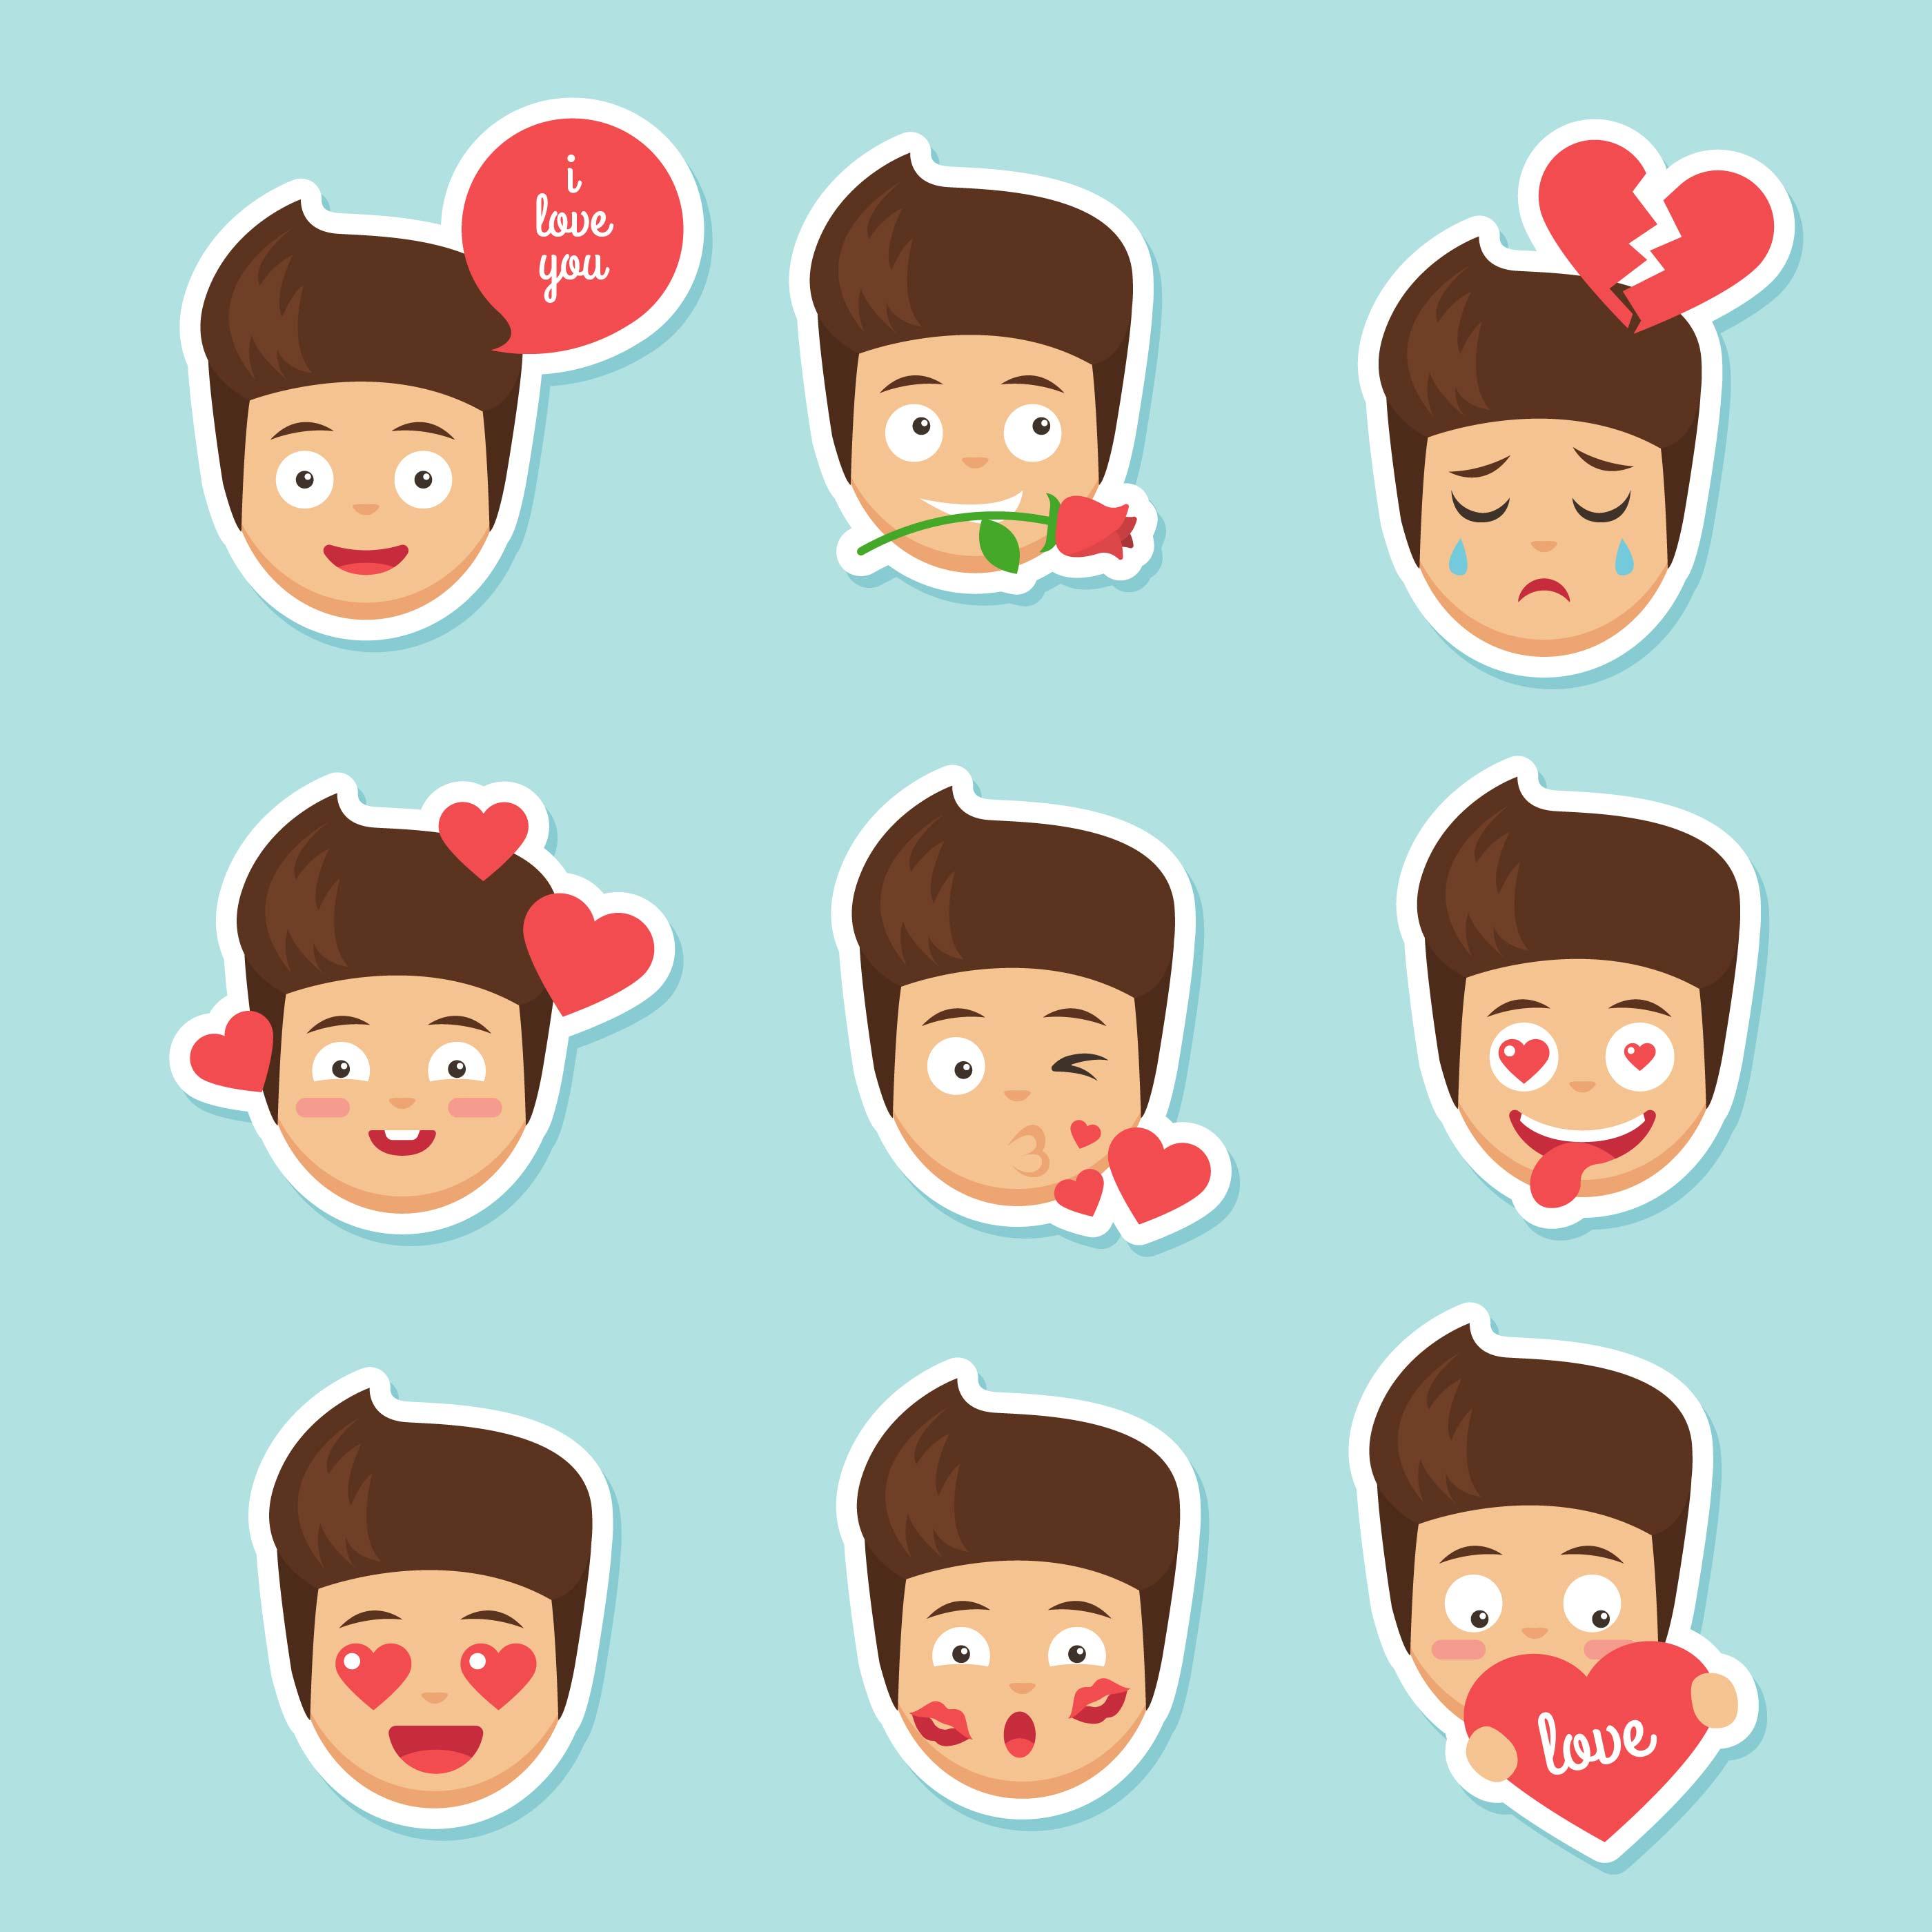 Cute Cartoon Boy Emoji - Download Free Vectors, Clipart ...